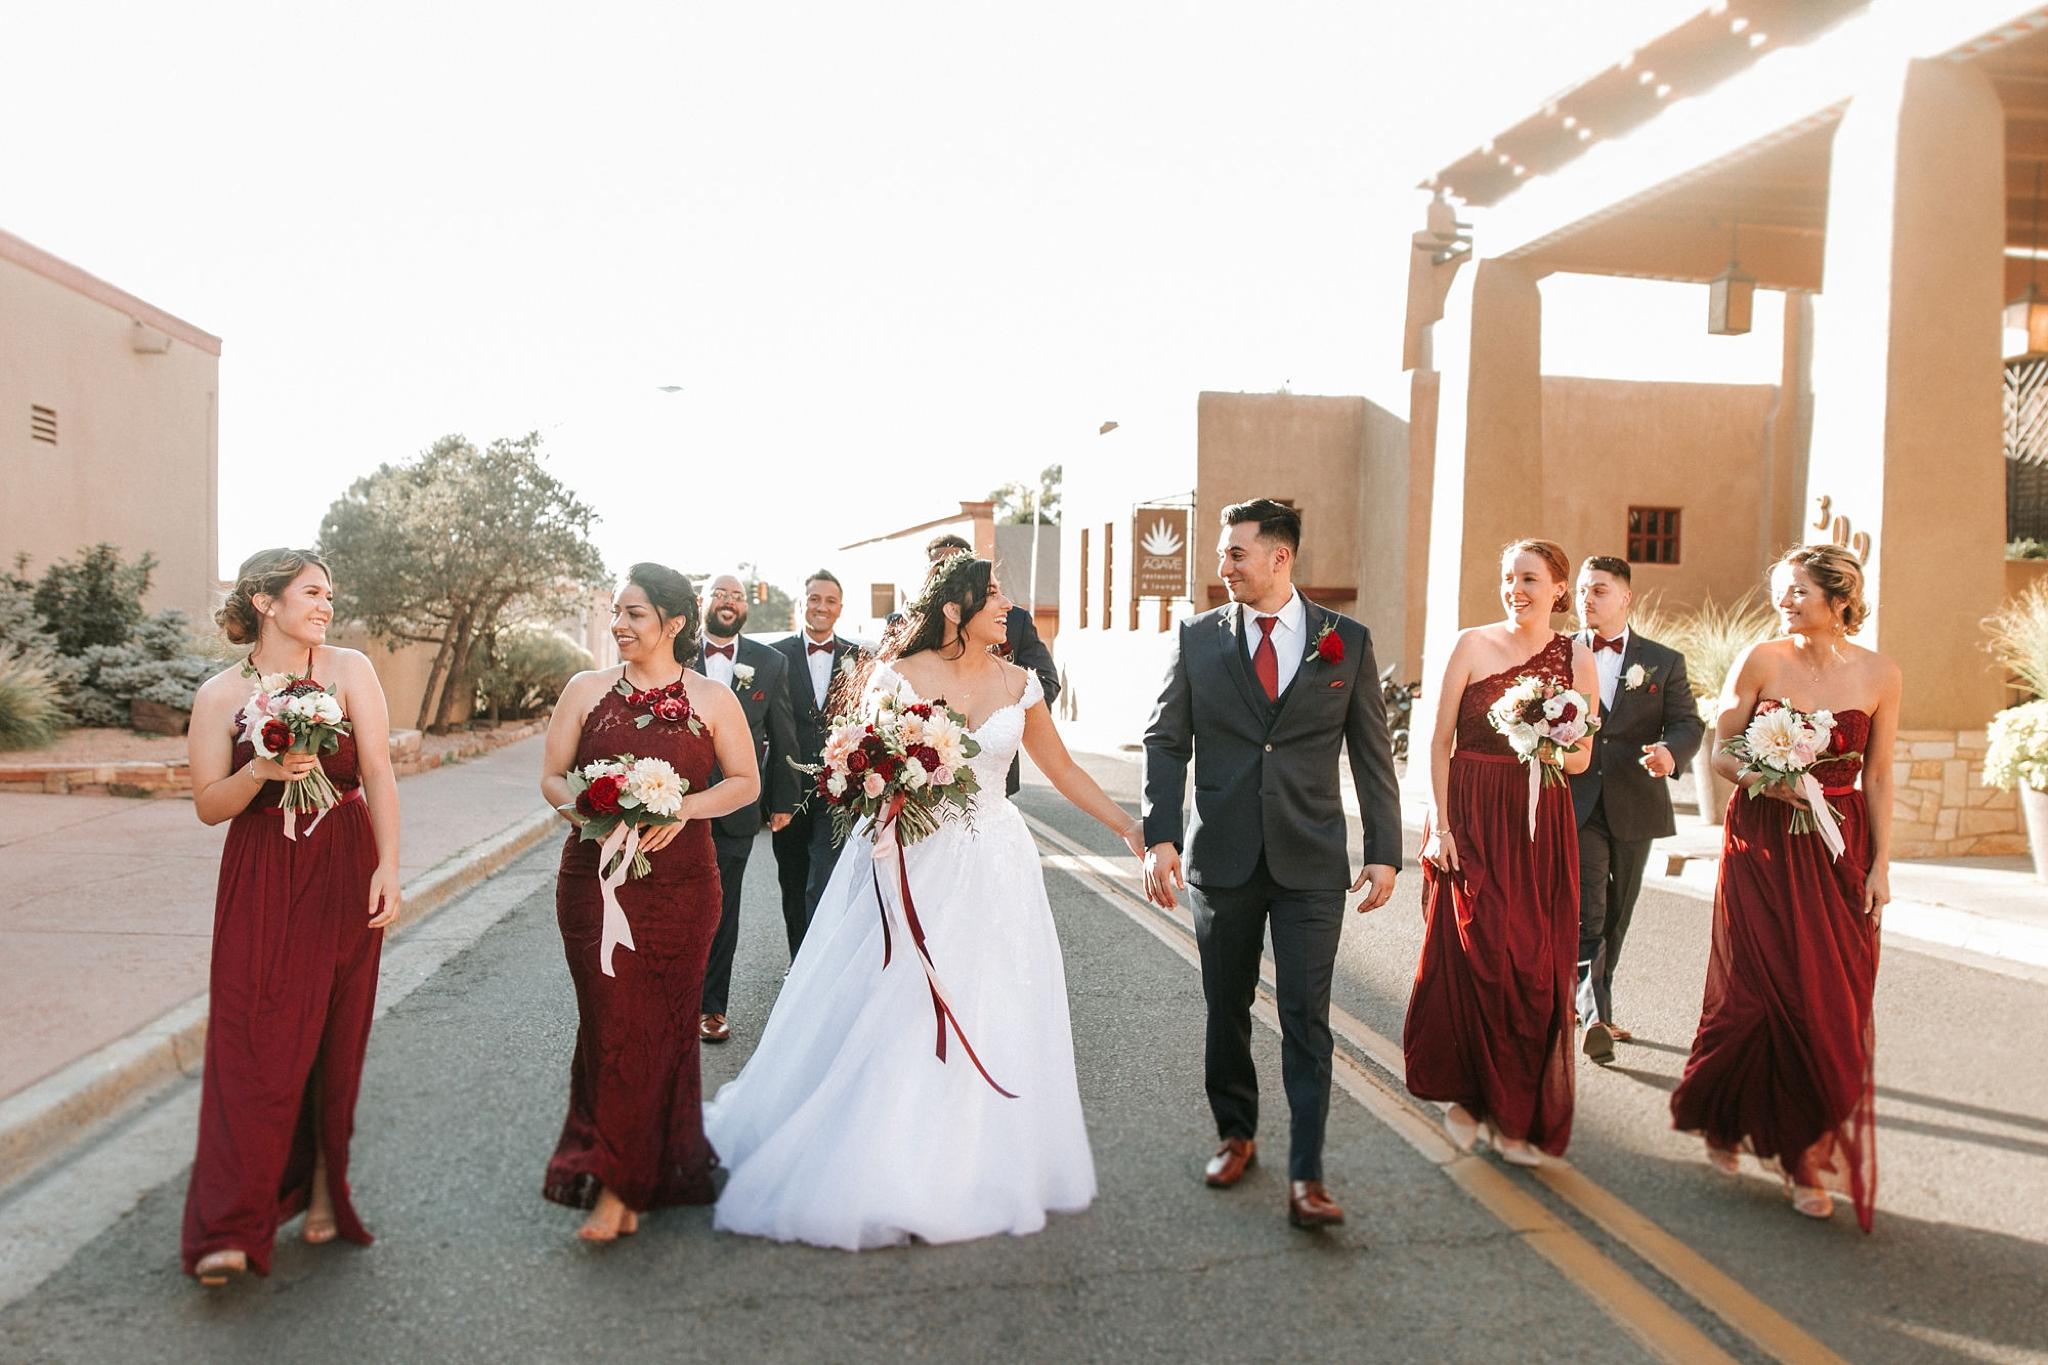 Alicia+lucia+photography+-+albuquerque+wedding+photographer+-+santa+fe+wedding+photography+-+new+mexico+wedding+photographer+-+new+mexico+wedding+-+new+mexico+wedding+-+colorado+wedding+-+bridesmaids+-+bridesmaid+style_0046.jpg